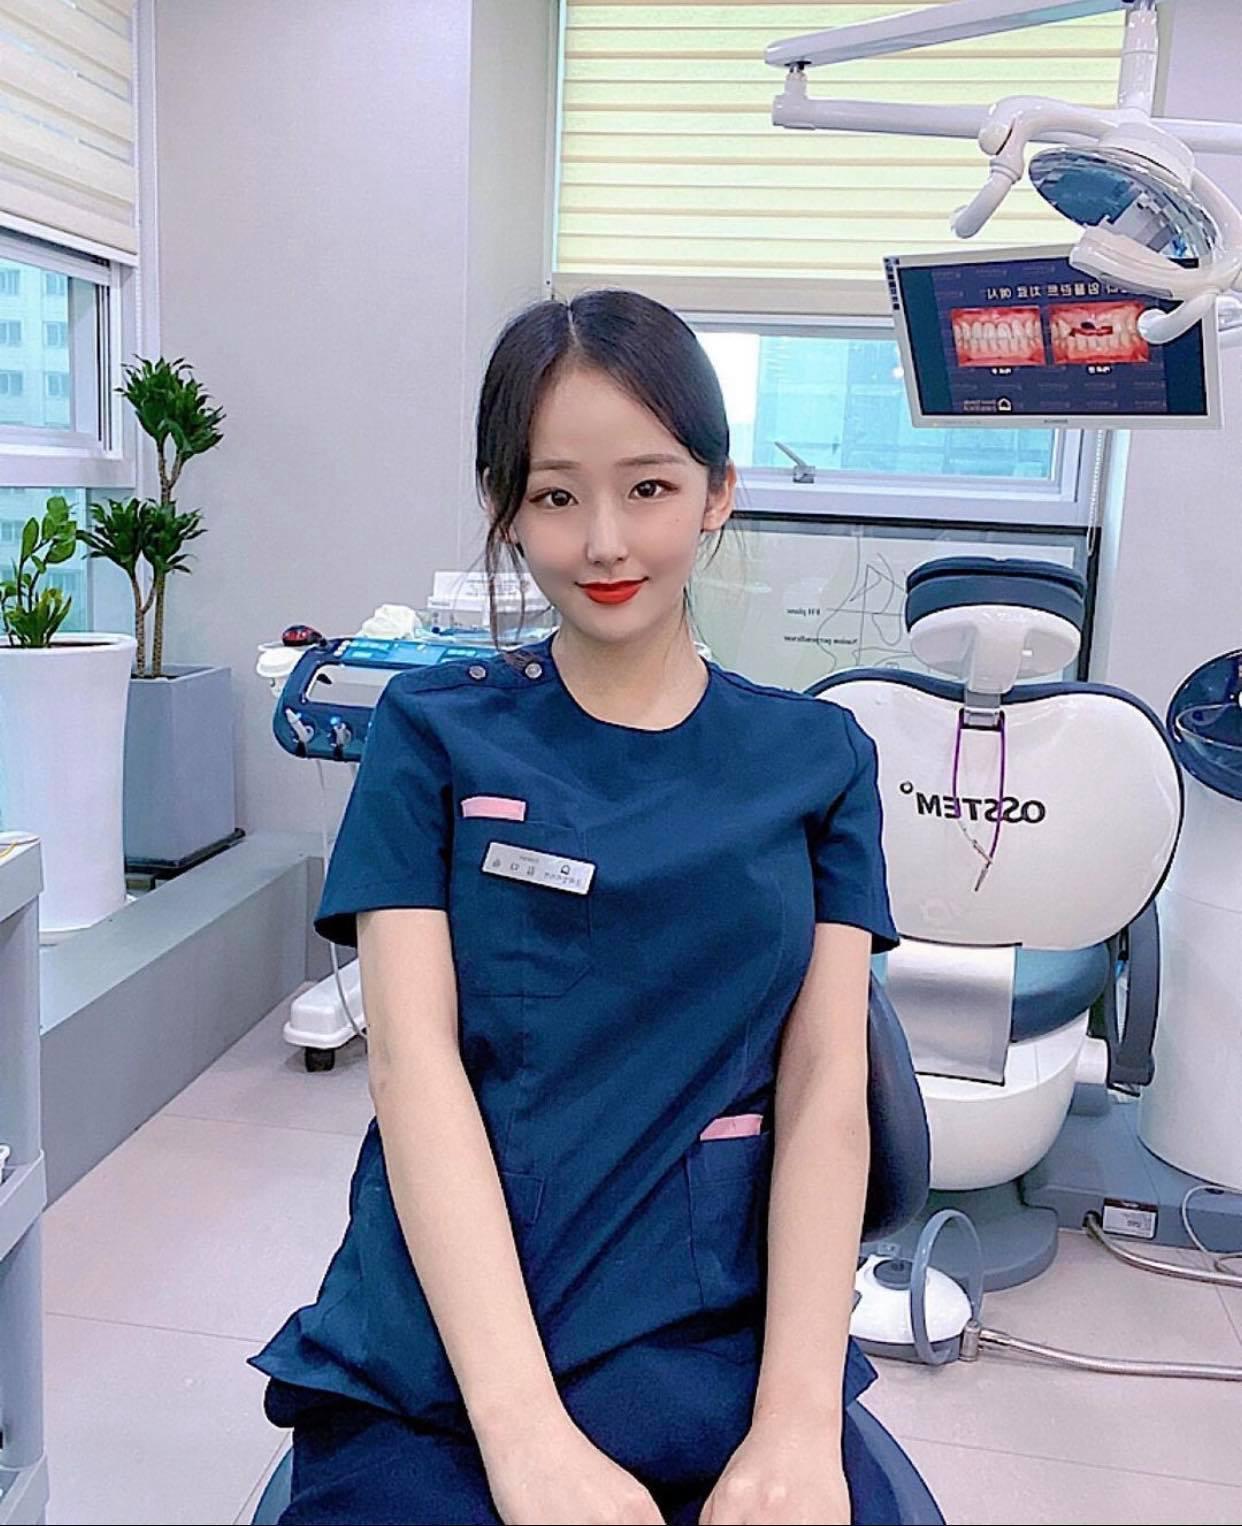 """Nữ bác sĩ Hàn Quốc khiến dân tình """"chao đảo"""" vì quá đẹp - 3"""